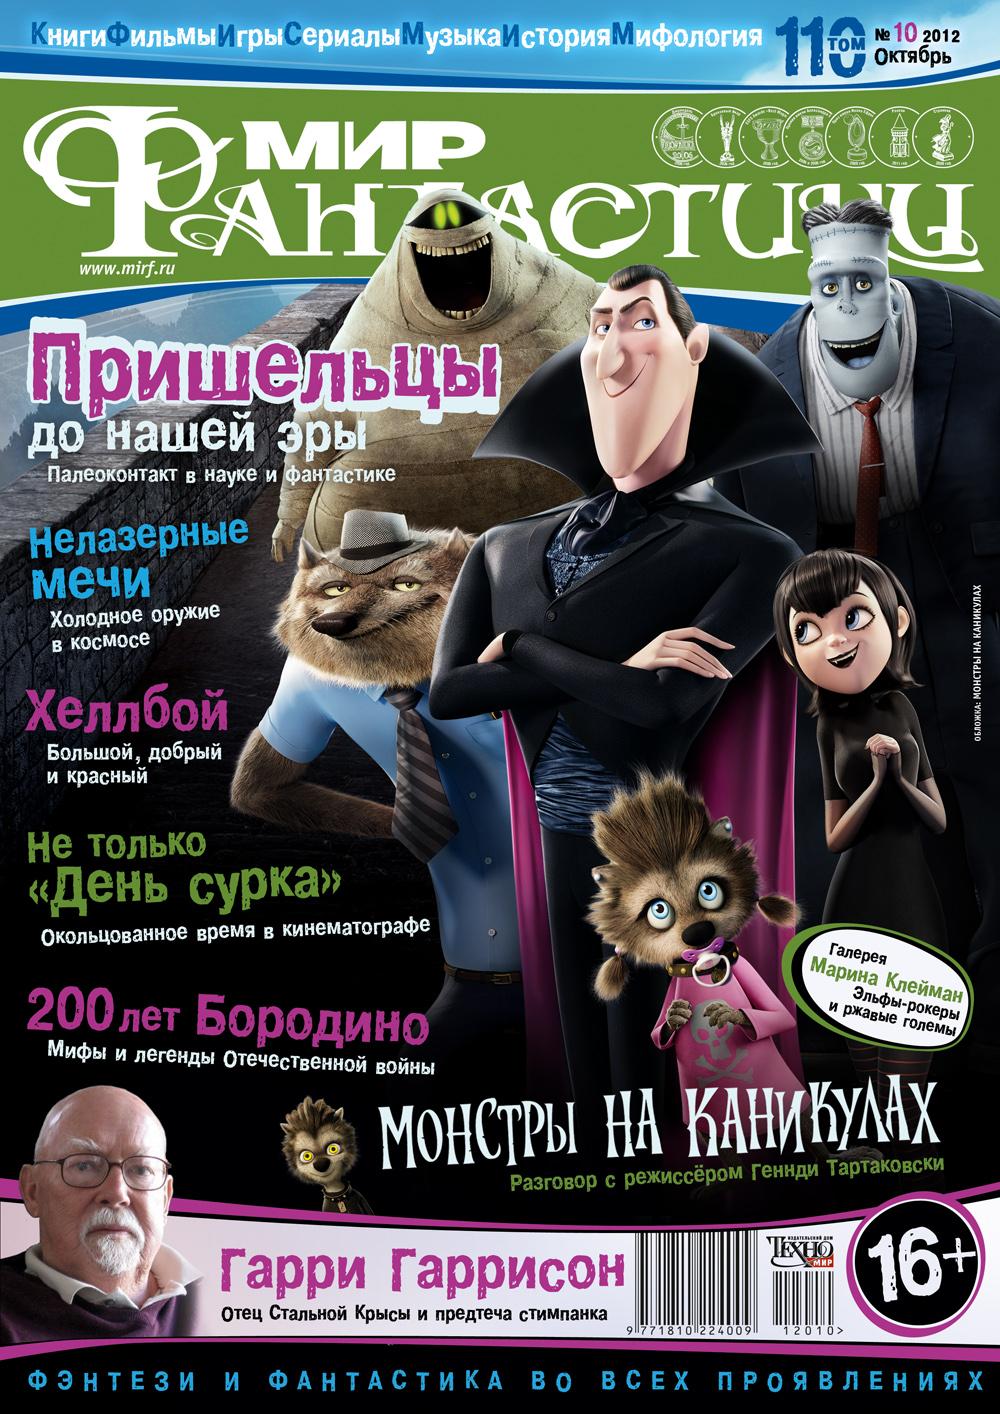 Архив номеров журнала «Мир фантастики» 114